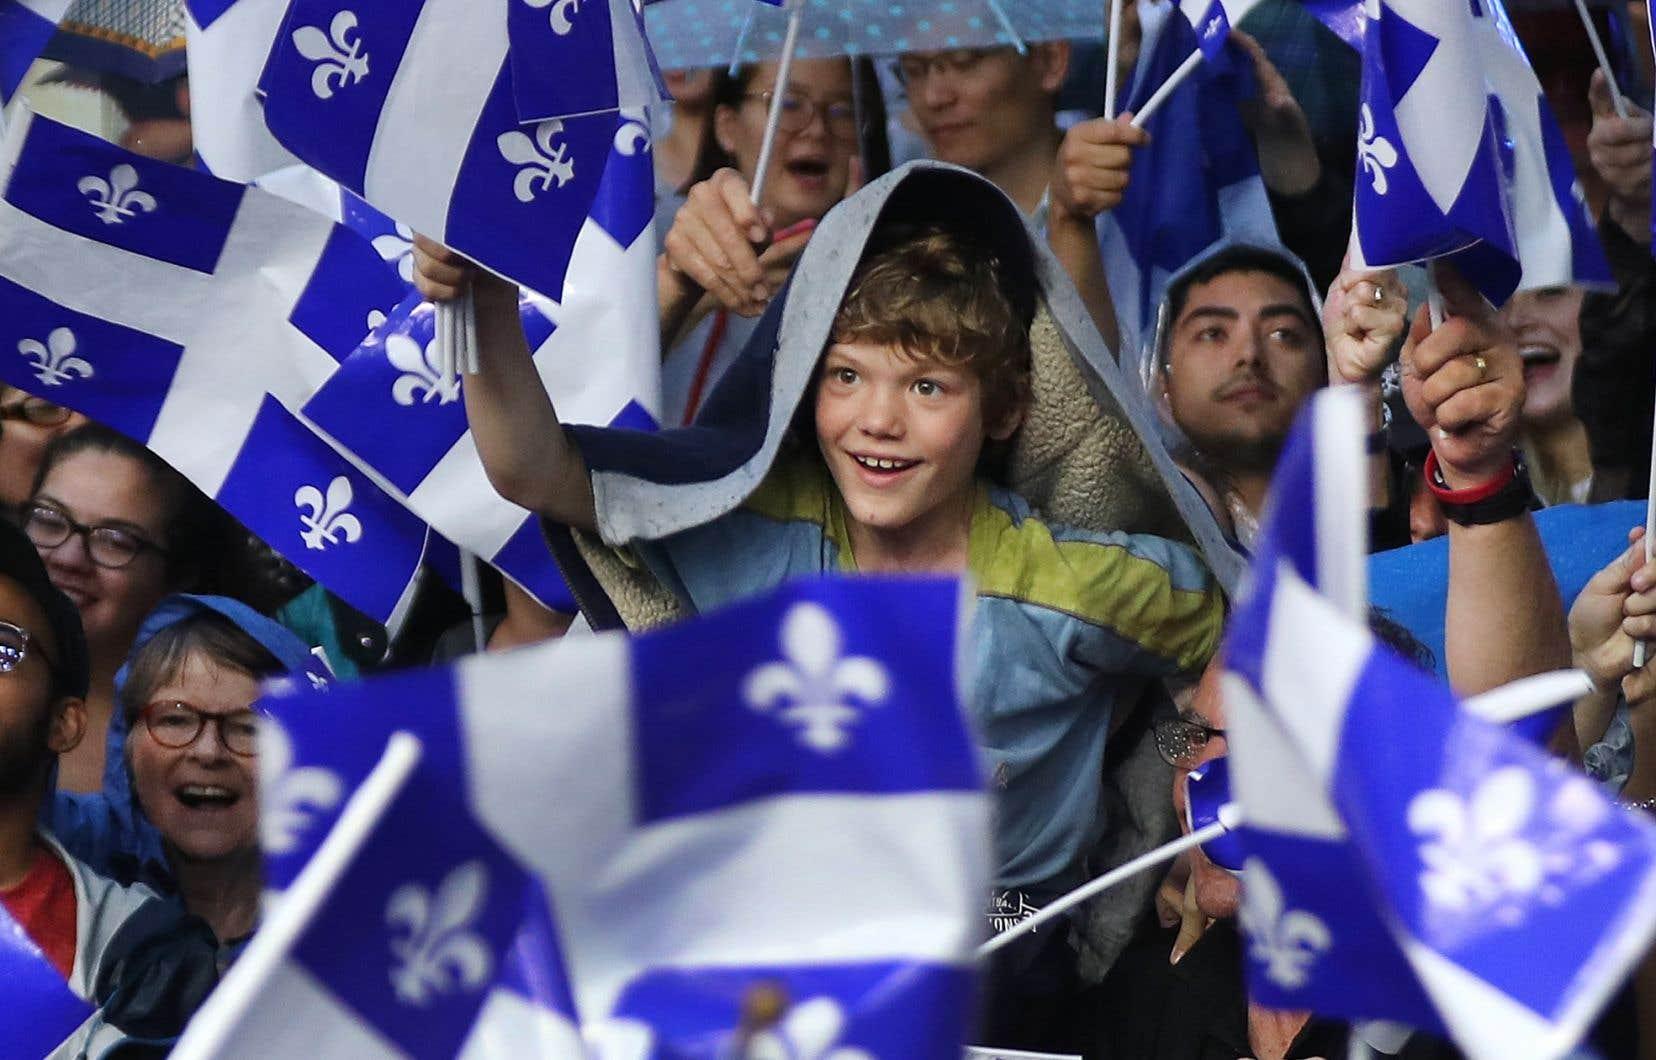 Plusieursspectacles à grand déploiement ont eu lieu dimanche soir notamment à Montréal, Québec, Gatineau, Trois-Rivières, Sherbrooke et Rimouski.